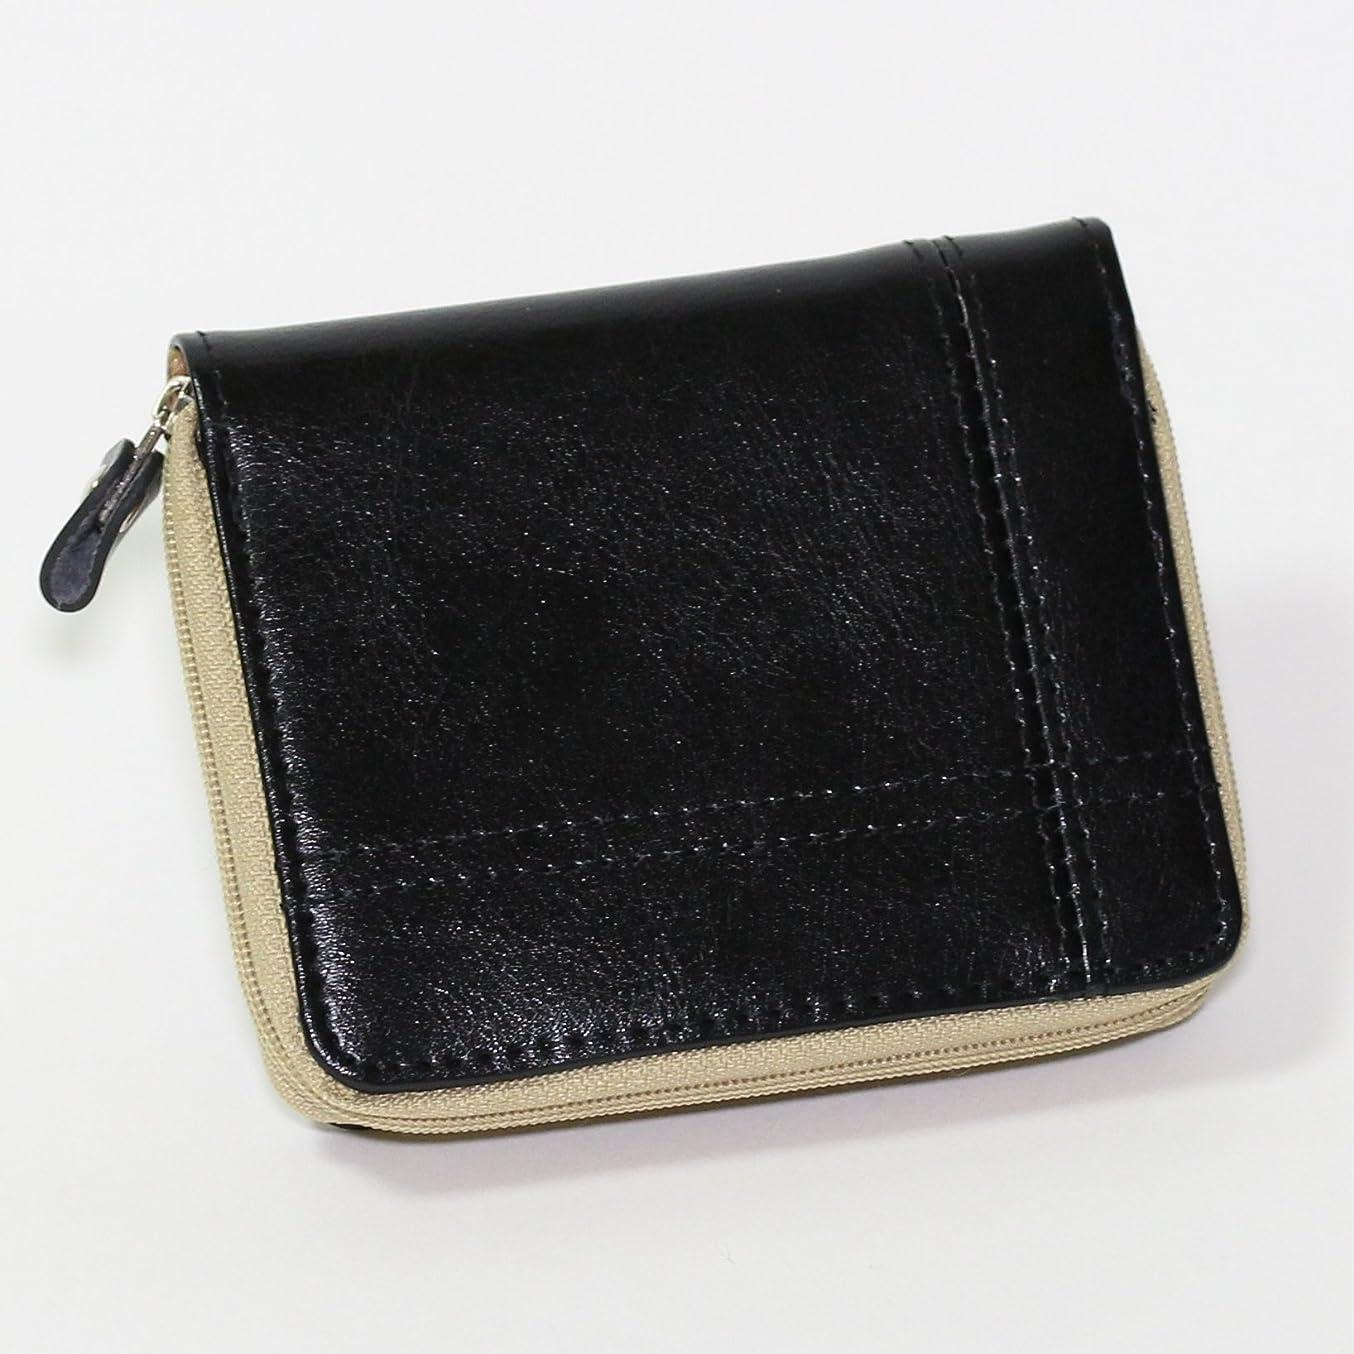 覚醒良さ読みやすいファスナータイプ折り財布 革 2つ折財布 折財布